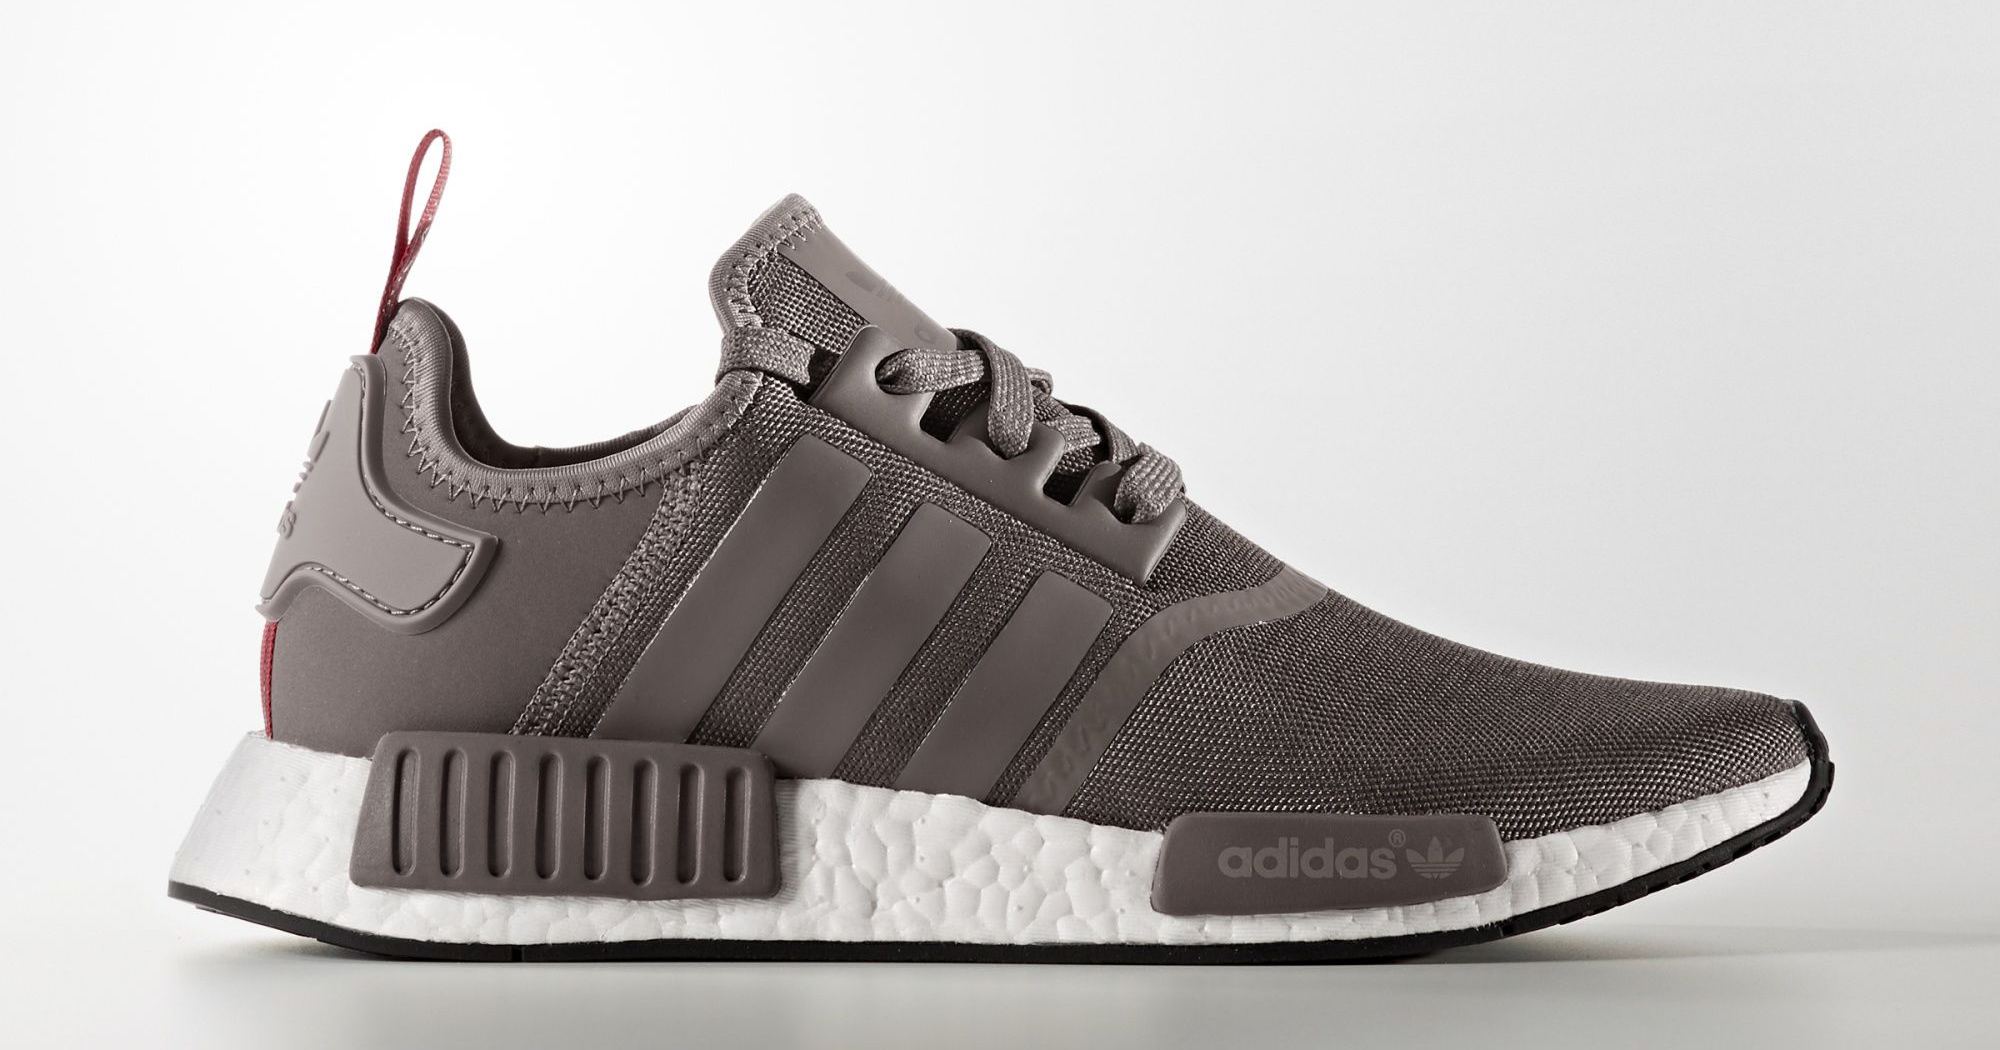 Adidas NMD Grey October 2016